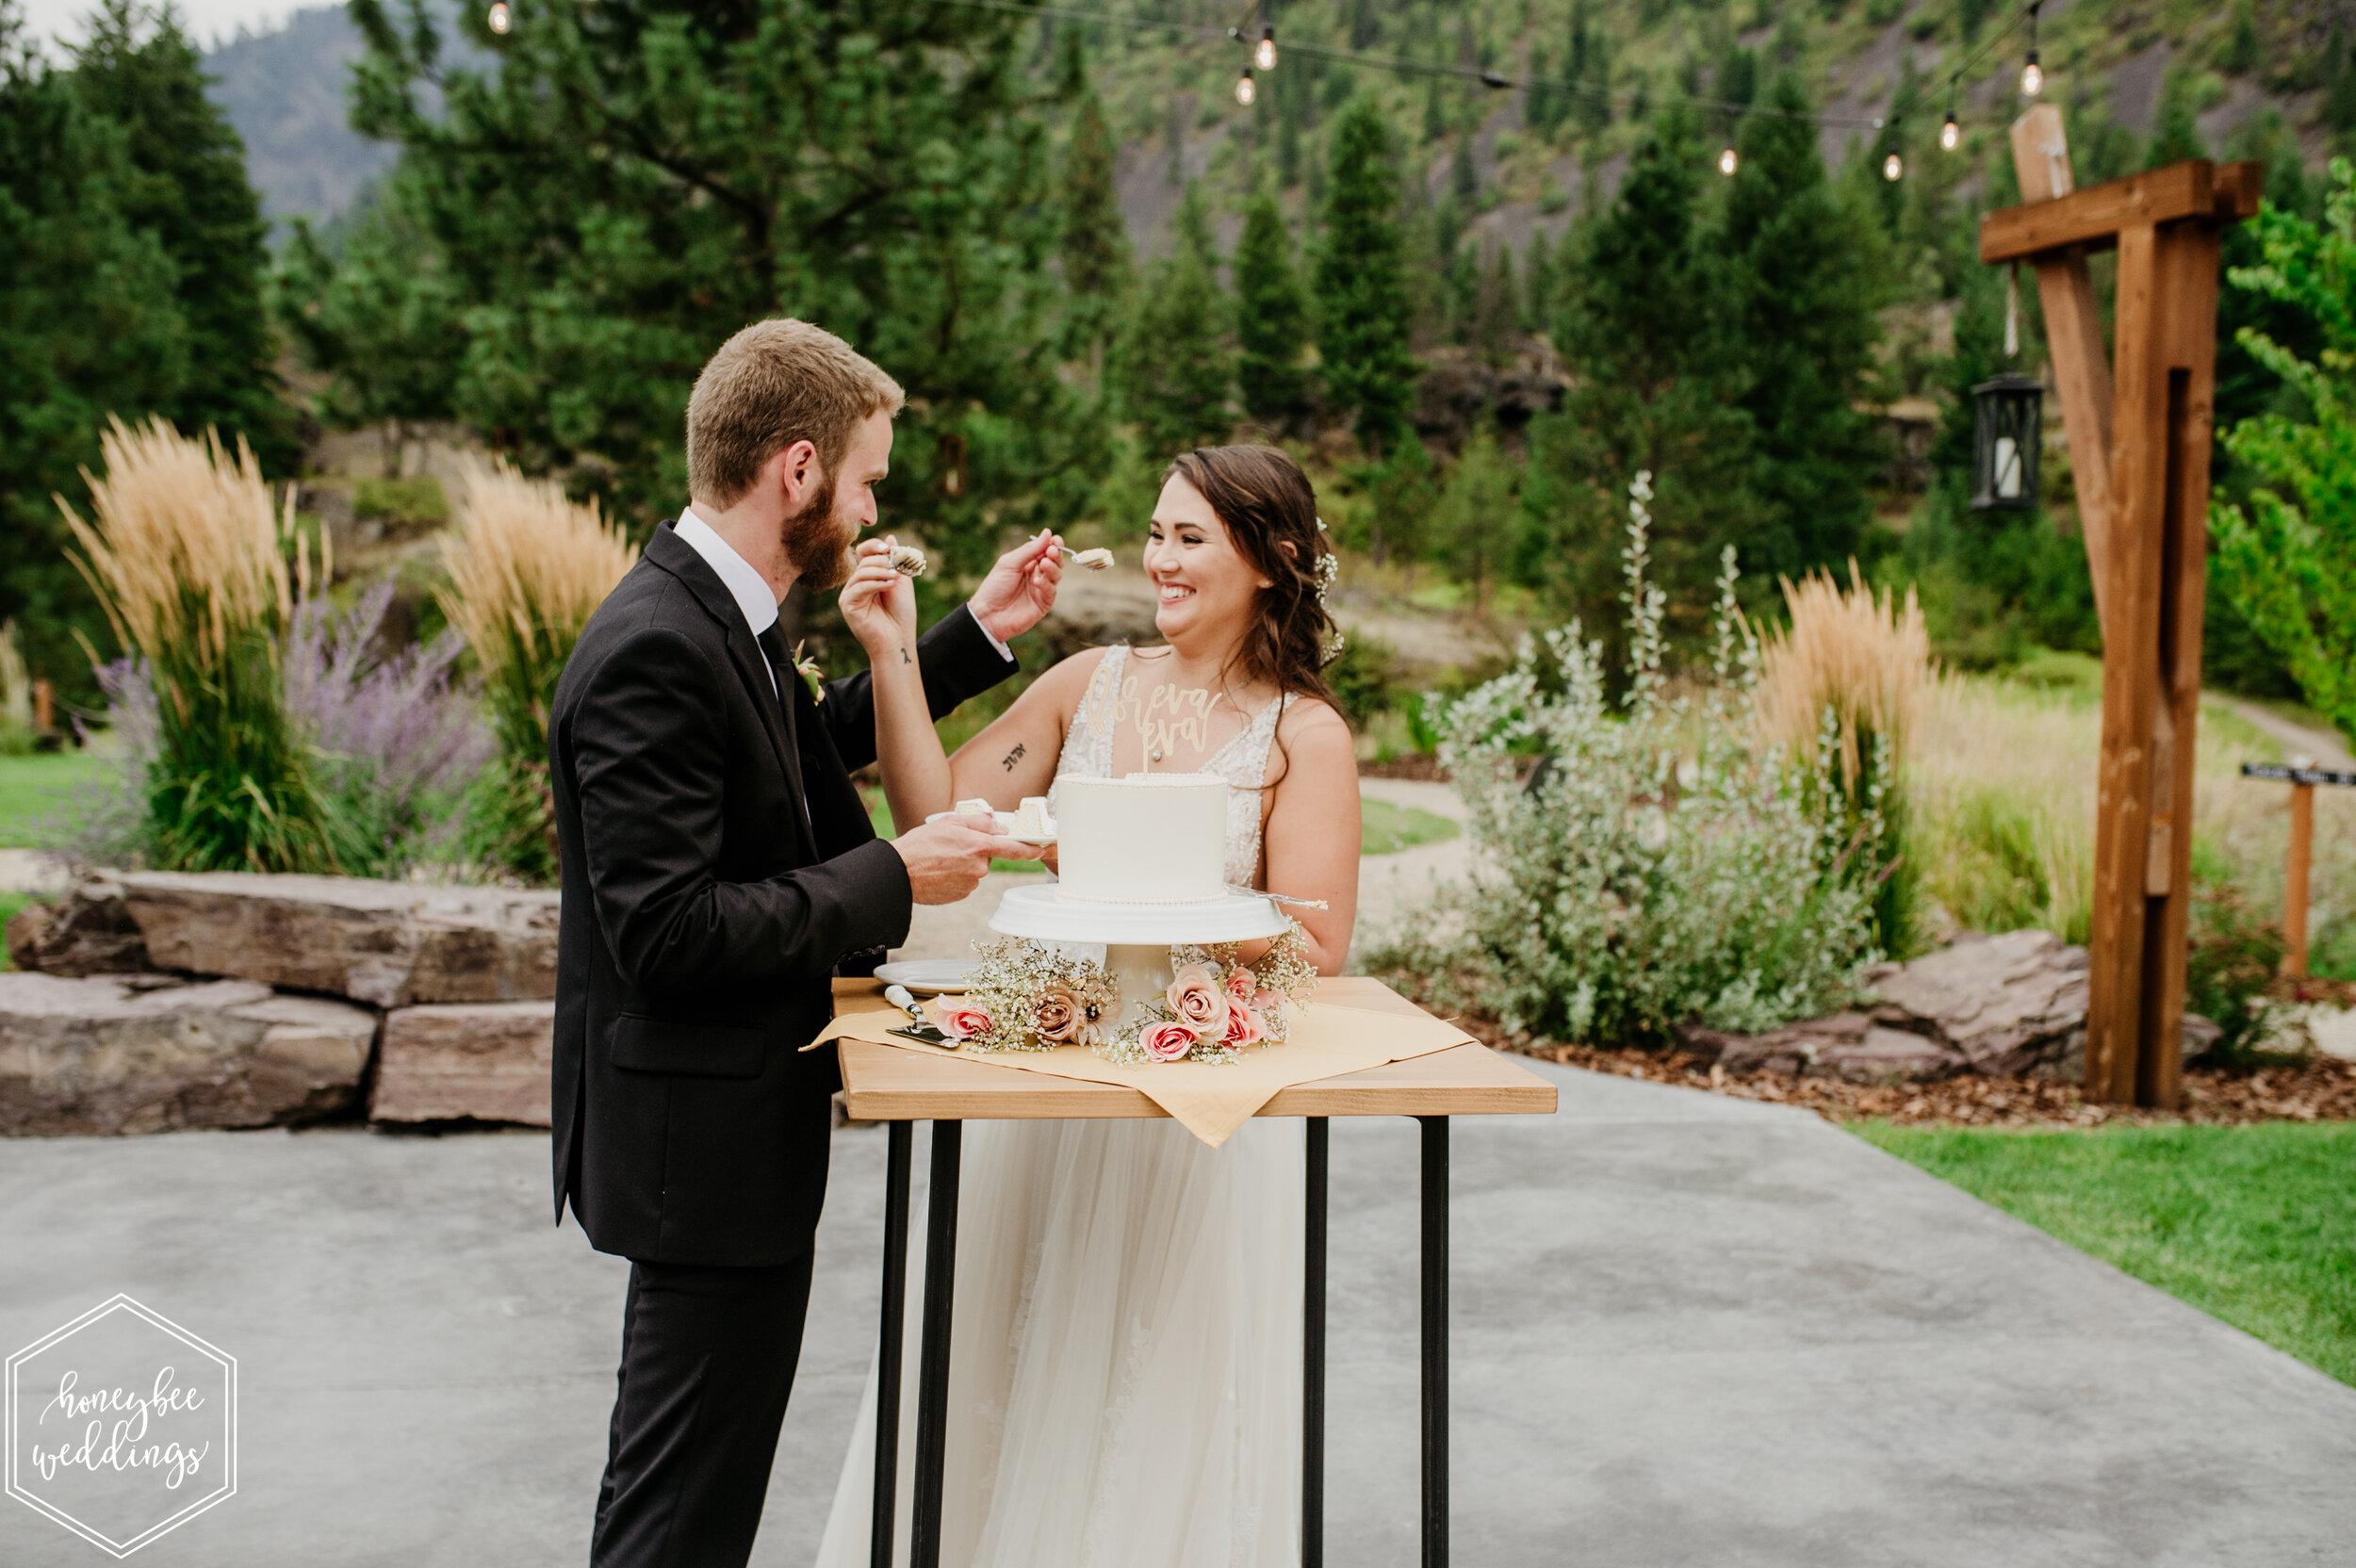 113White Raven Wedding_Montana Wedding Photographer_Corey & Corey_Honeybee Weddings_September 06, 2019-1698.jpg